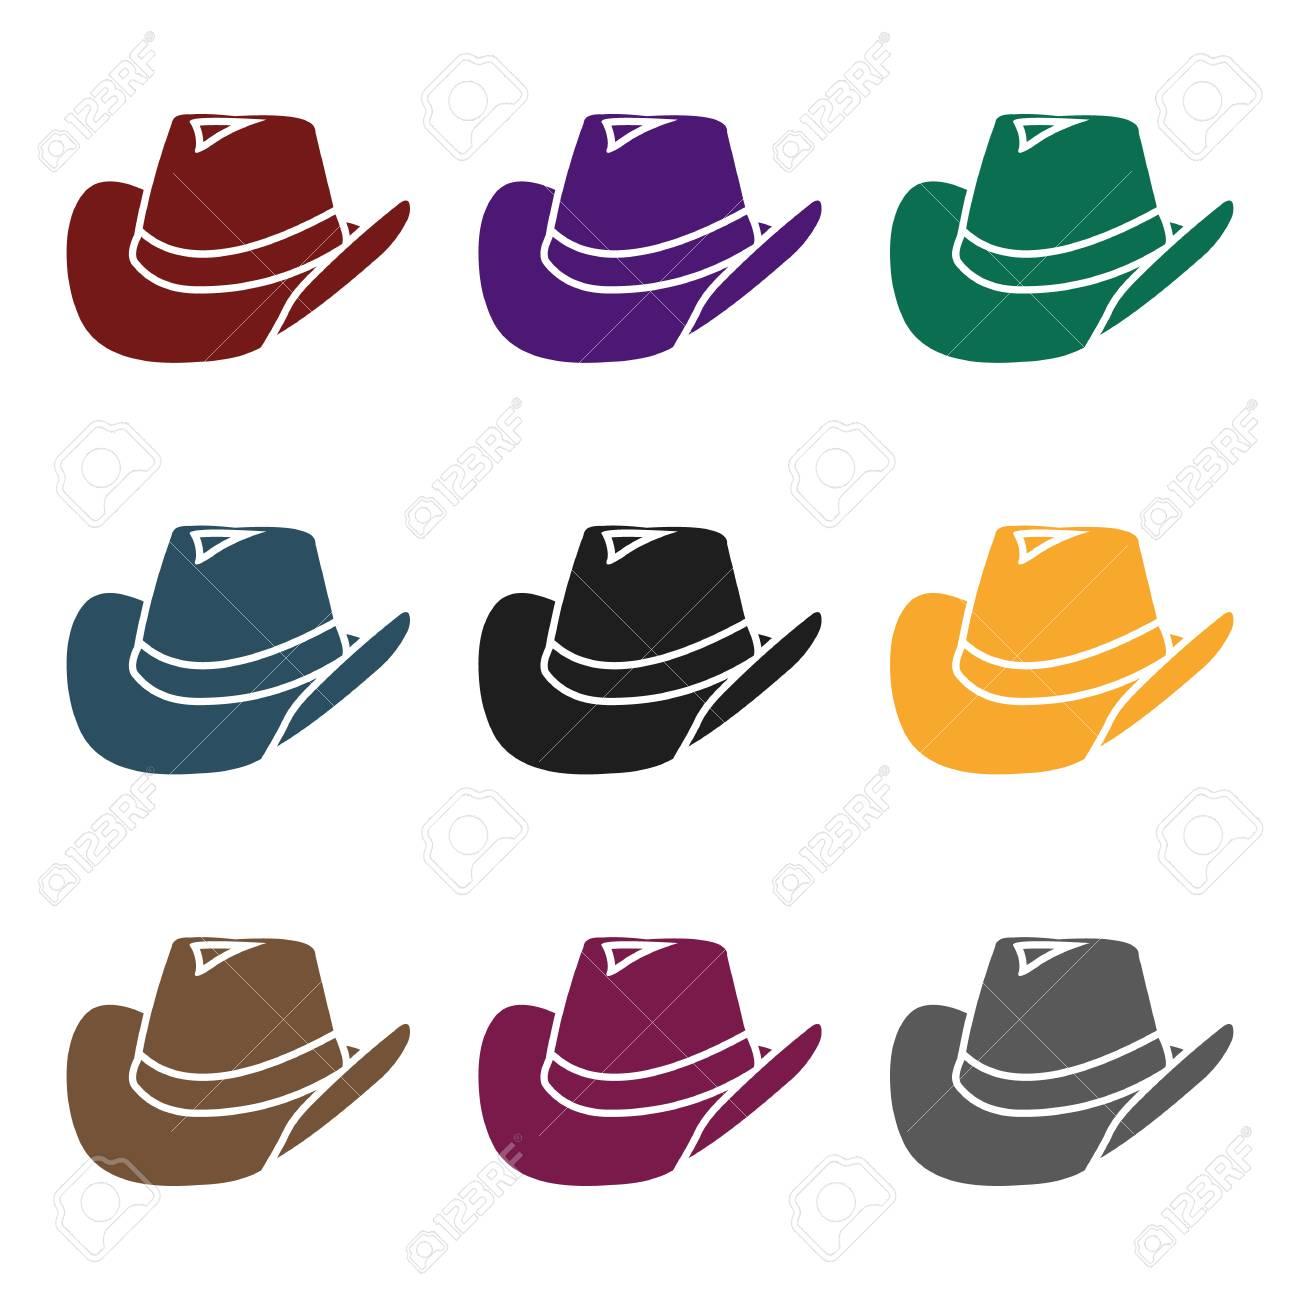 Foto de archivo - Icono de sombrero de vaquero en estilo negro aislado  sobre fondo blanco. Wlid oeste símbolo stock vector ilustración. 6d2b7afead4